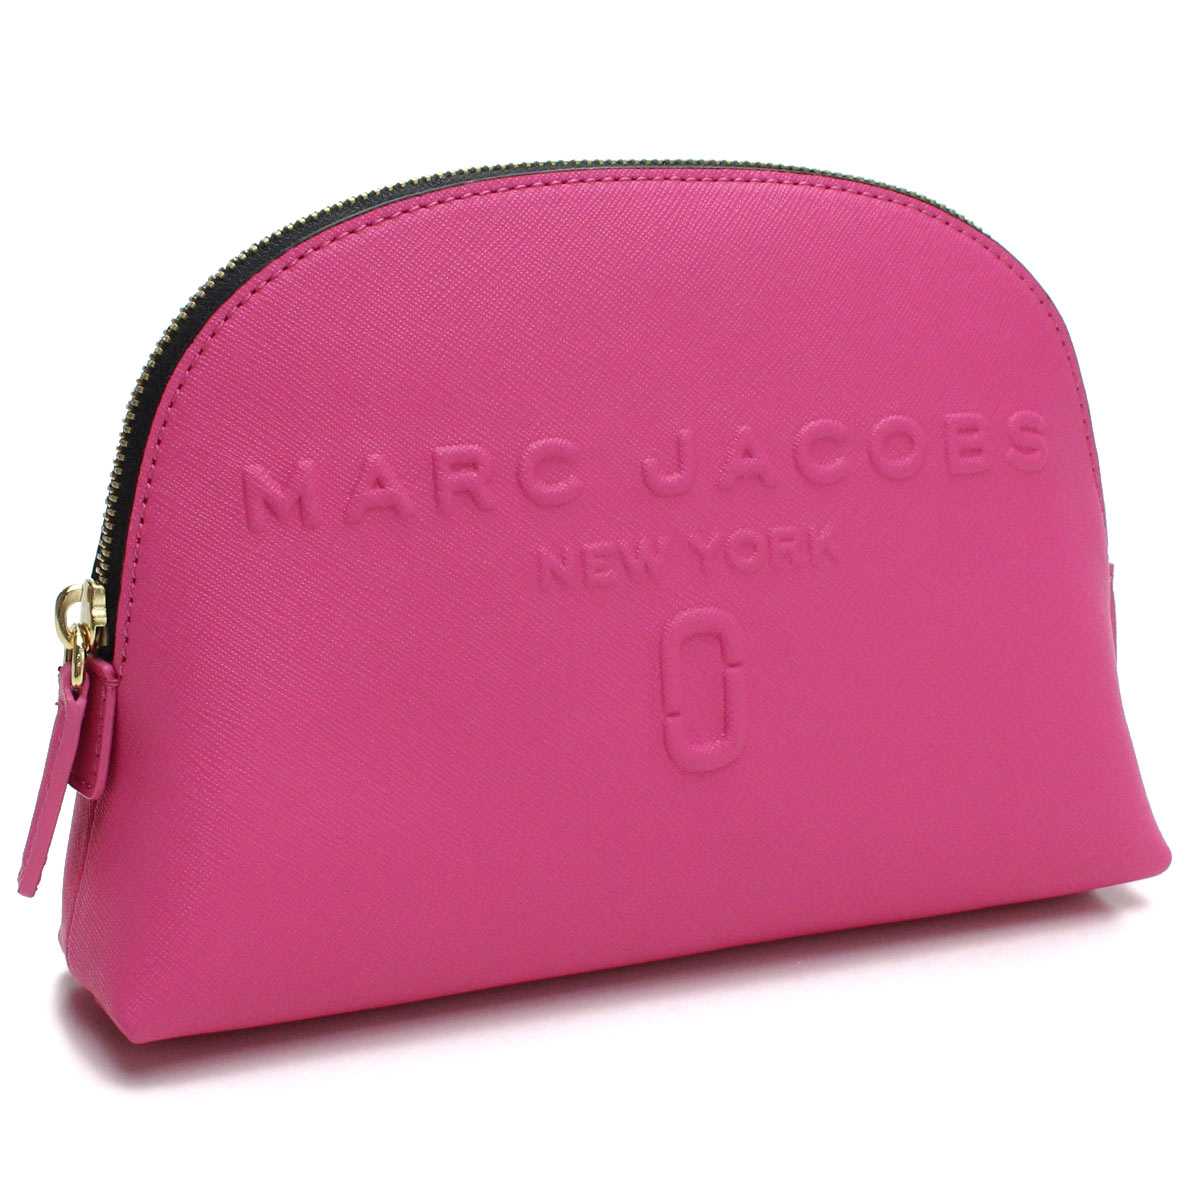 マーク ジェイコブス MARC JACOBS LOGO SHOPPER ロゴショッパー ポーチ M0013651 657 VIVID PINK ピンク系 【レディース】